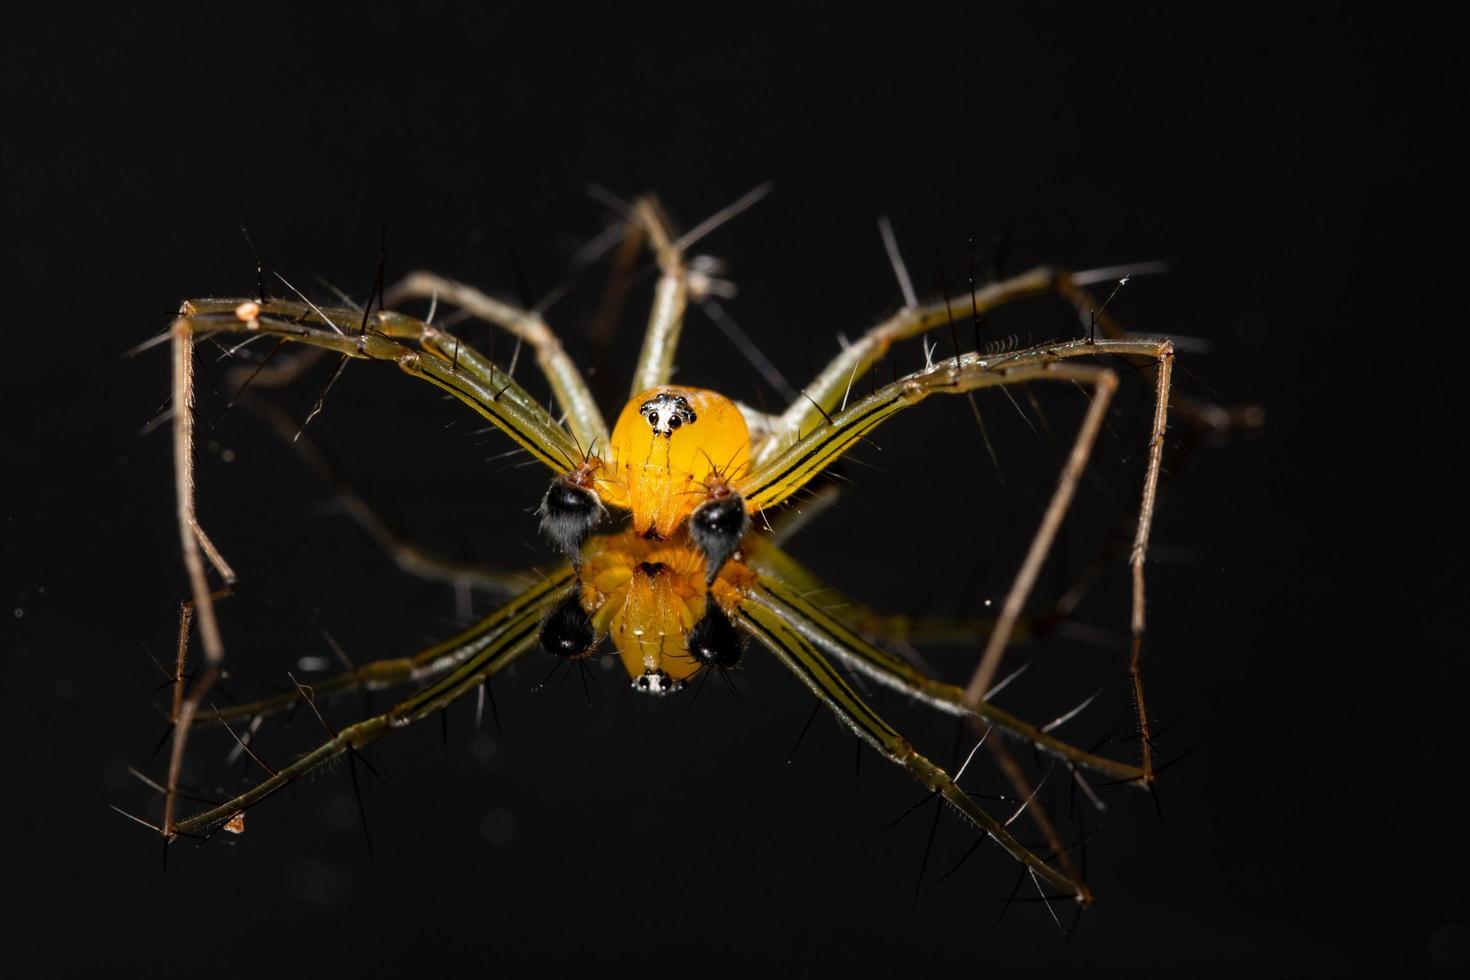 araignée sur un fond réfléchissant photo